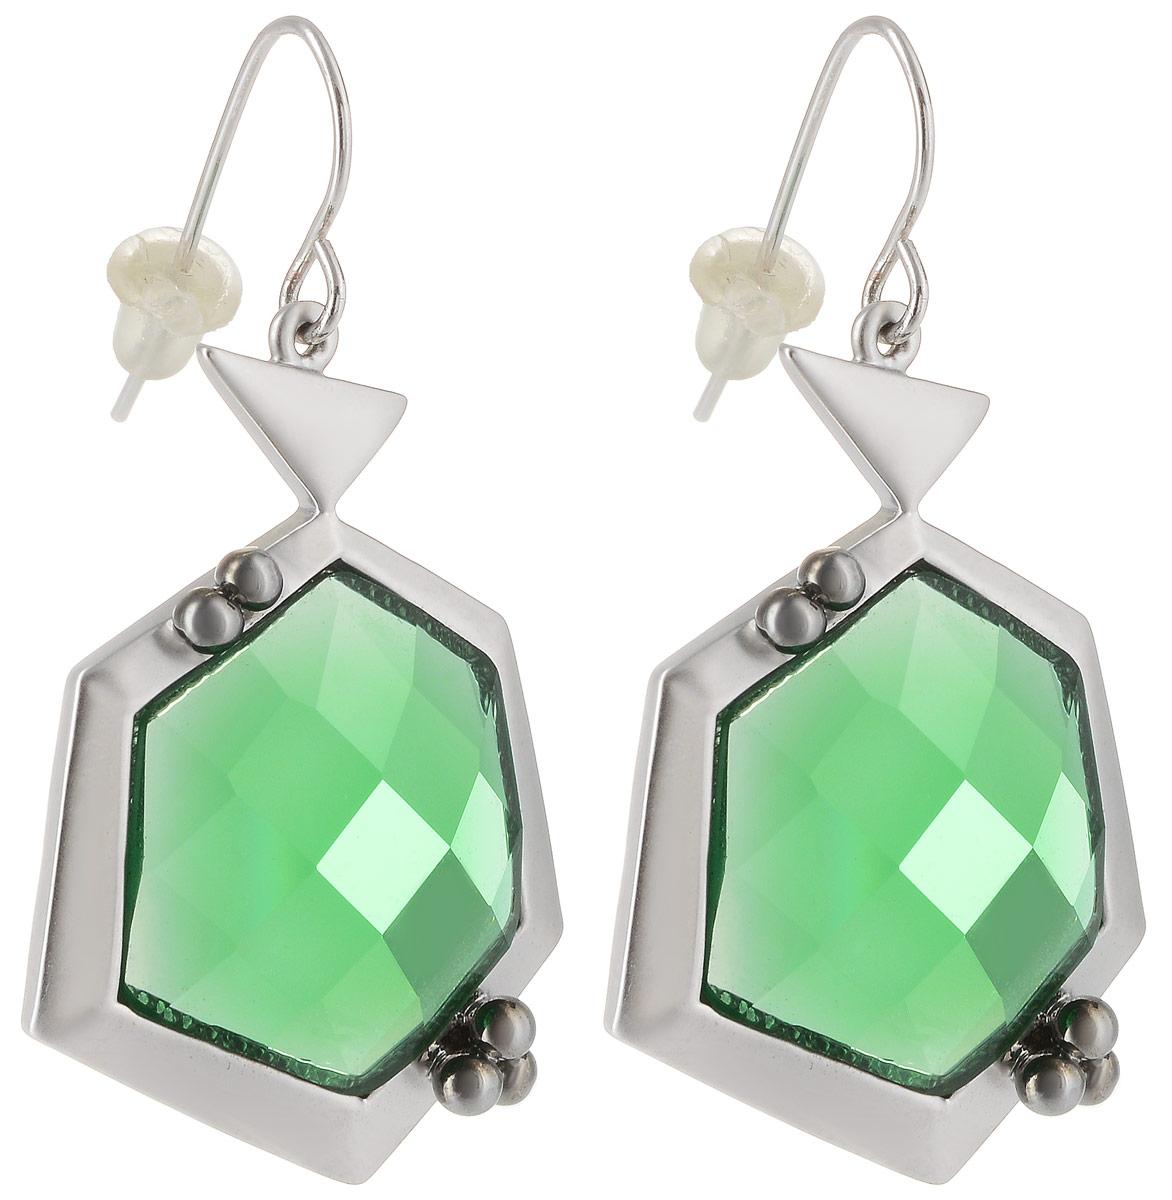 Серьги Taya, цвет: серебристый, зеленый. T-B-4978T-B-4978-EARR-RH.MATTEСерьги с петлевидным замком Taya, имеющим вид душки, дополнены сзади мягкой заглушкой. Оформлена модель сверкающим камнем в центре изделия. Элегантные серьги выполнены в очень стильной и утонченной форме.